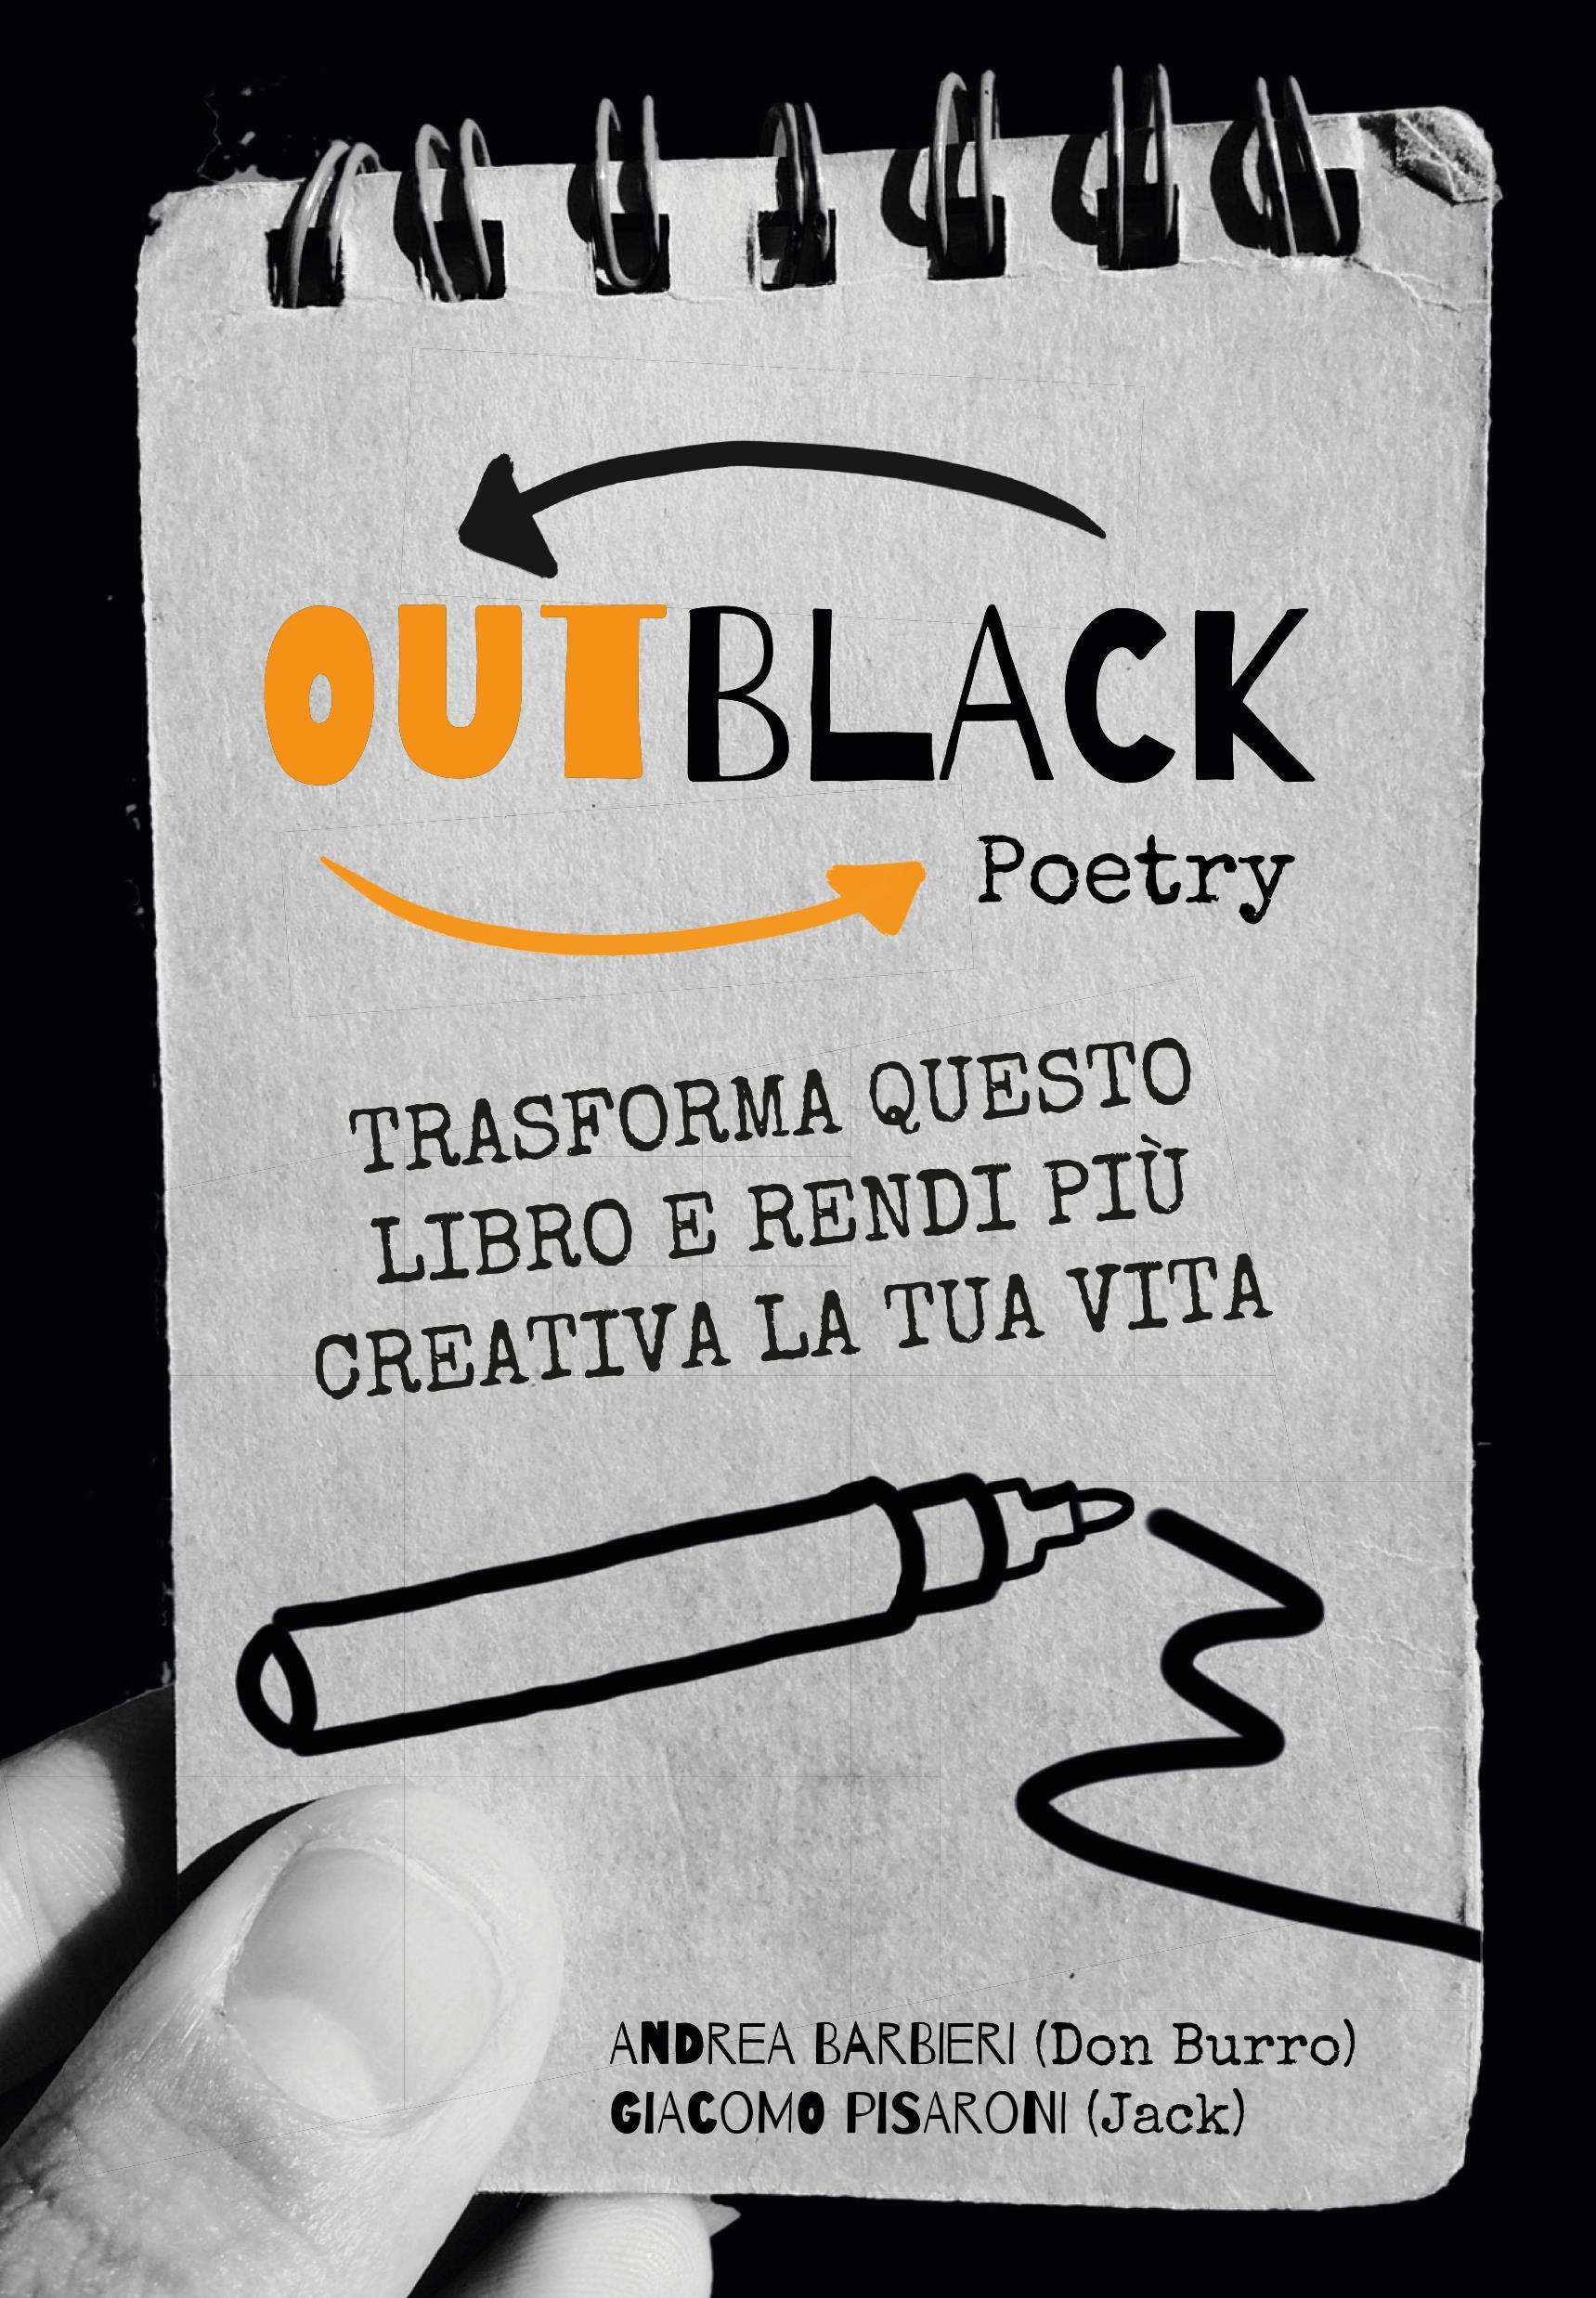 OutBlack Poetry, Trasforma questo libro e rendi più creativa la tua vita